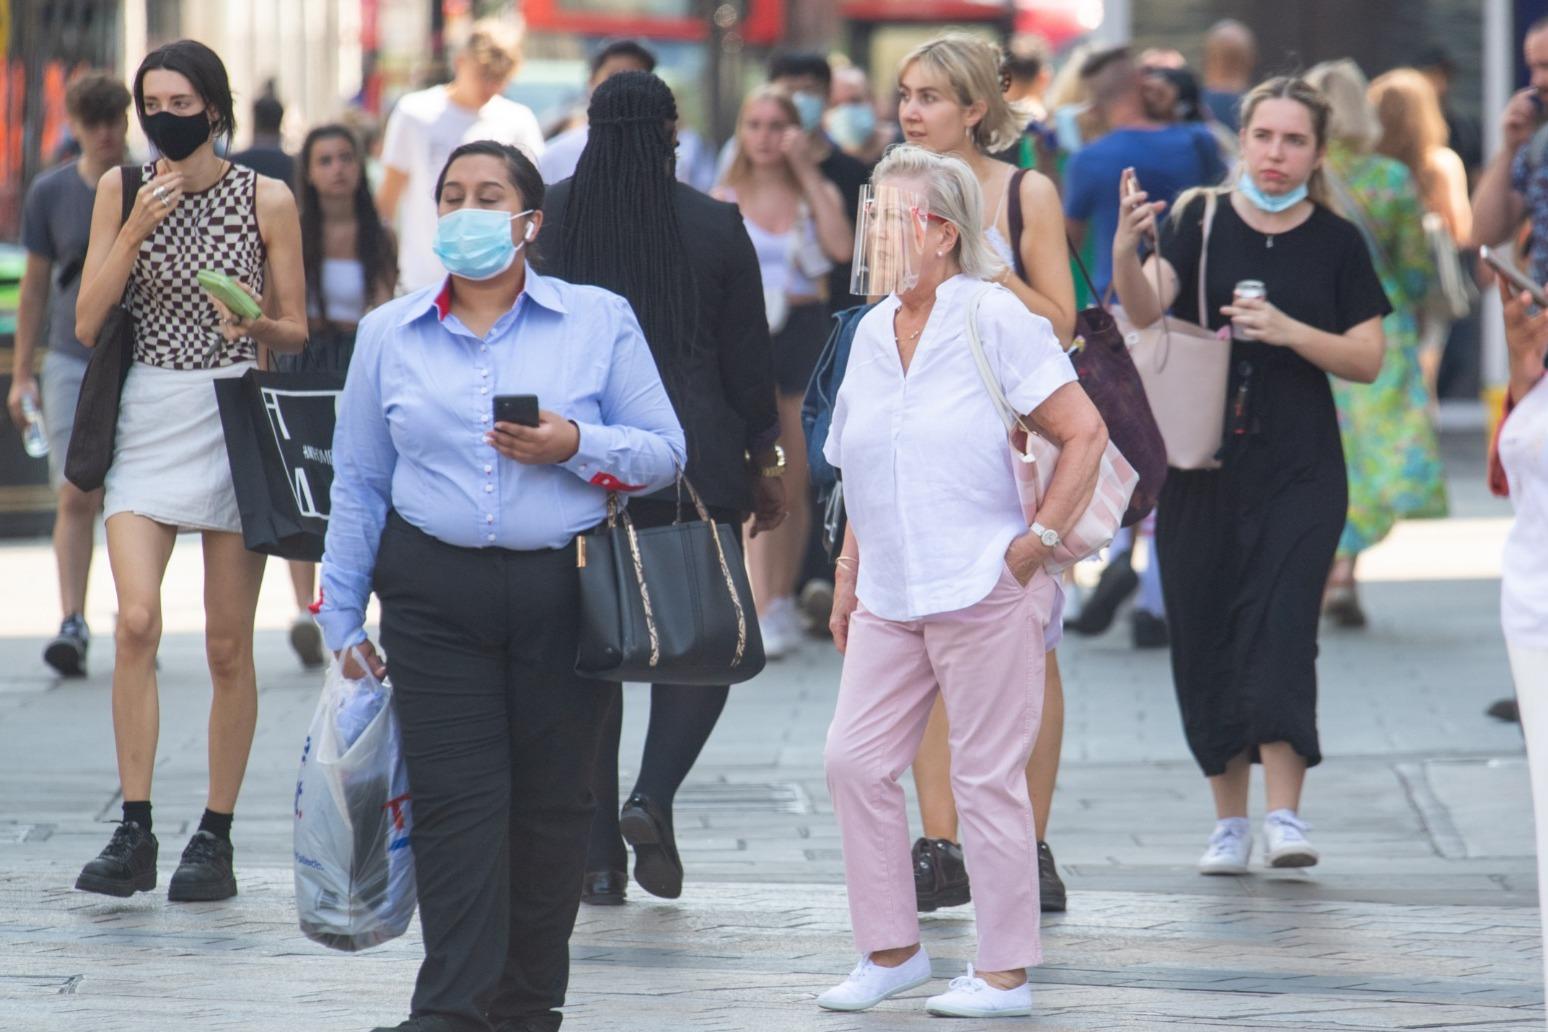 World Health Organisation monitoring new coronavirus variant